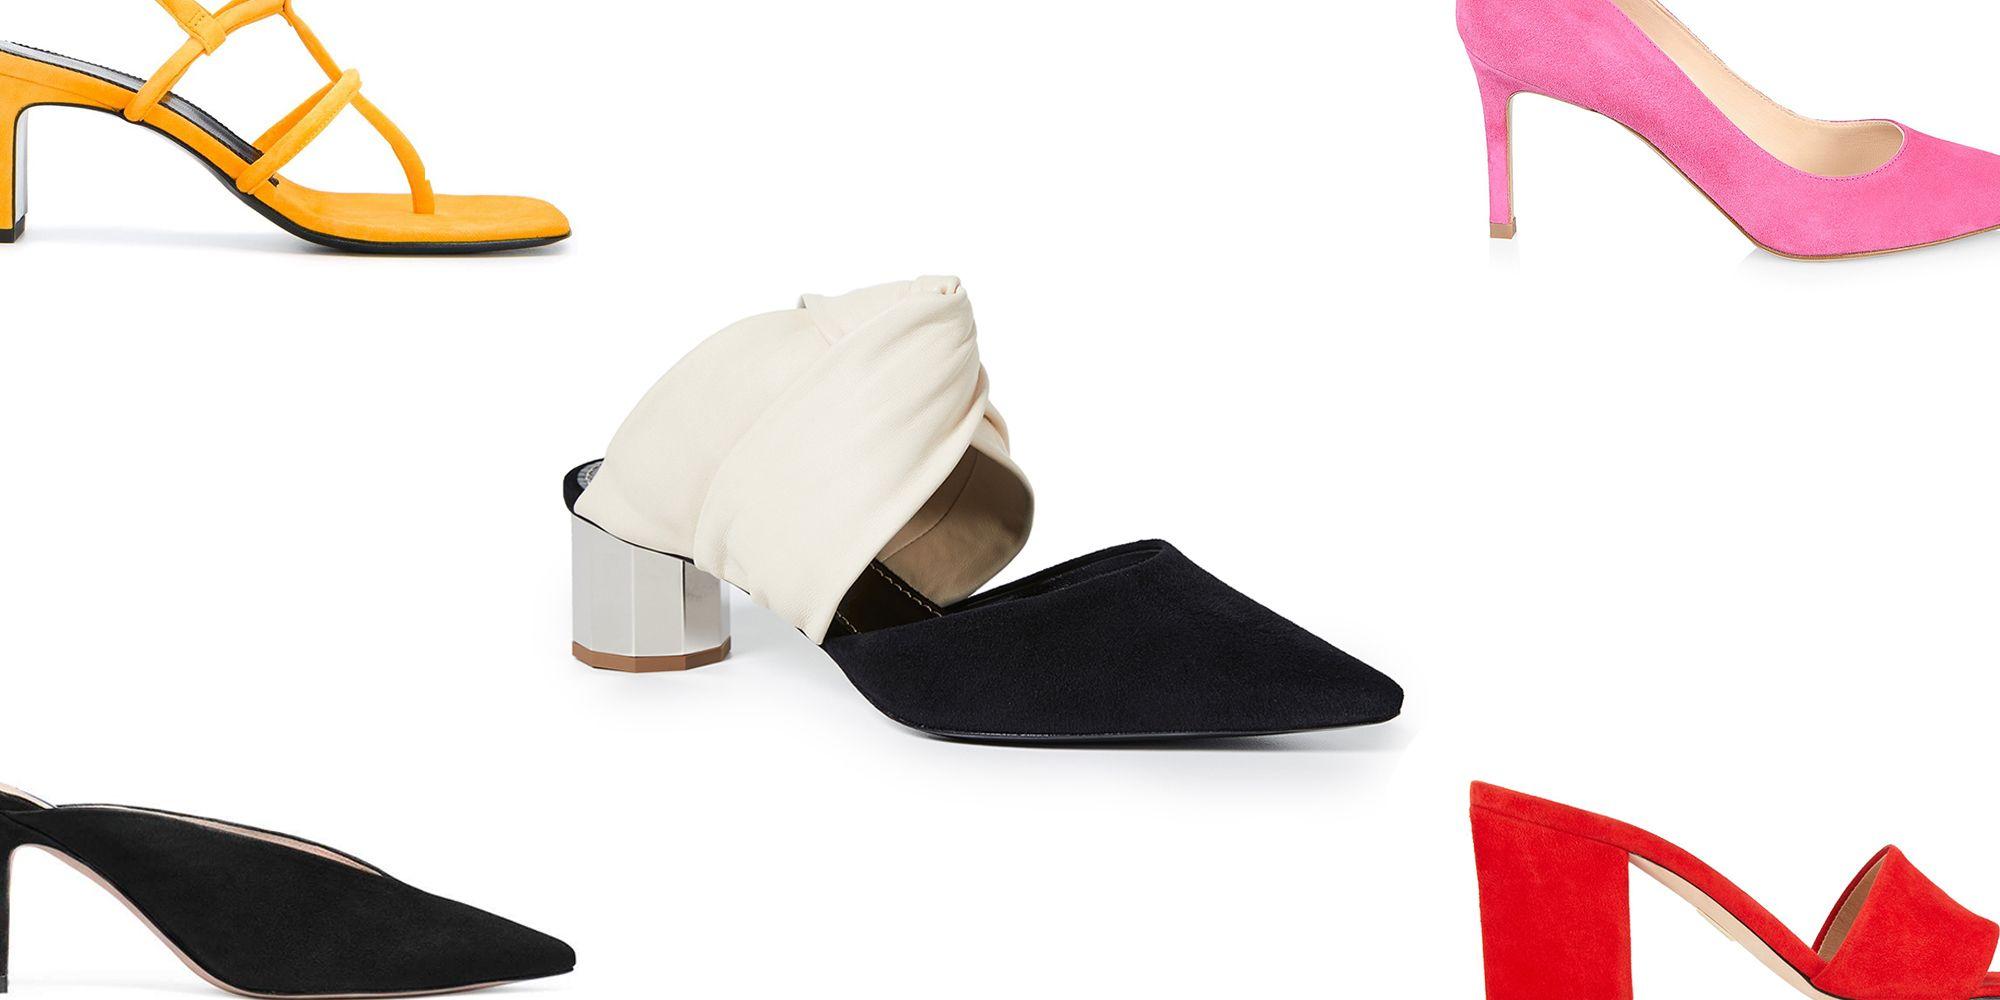 23 Most Comfortable High Heels Elle Com Editors Pick Heels You Can